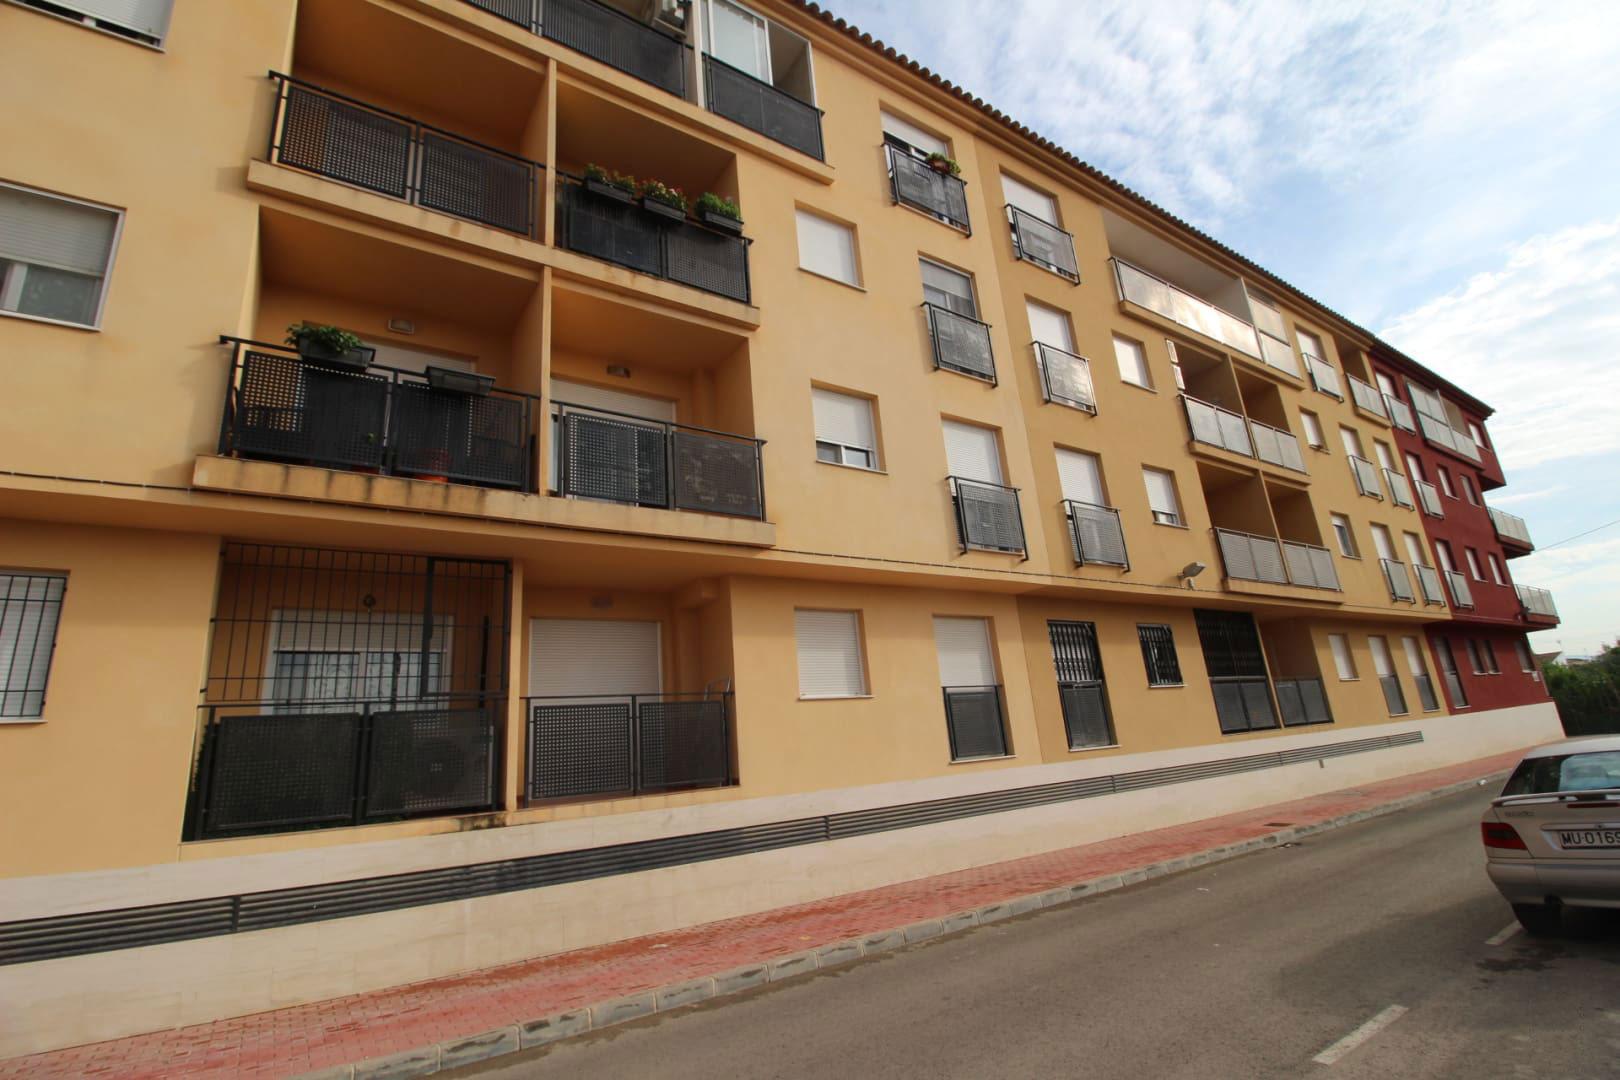 Piso en venta en Pedanía de El Raal, Murcia, Murcia, Calle Miguel de la Nieves, 88.100 €, 4 habitaciones, 2 baños, 148 m2